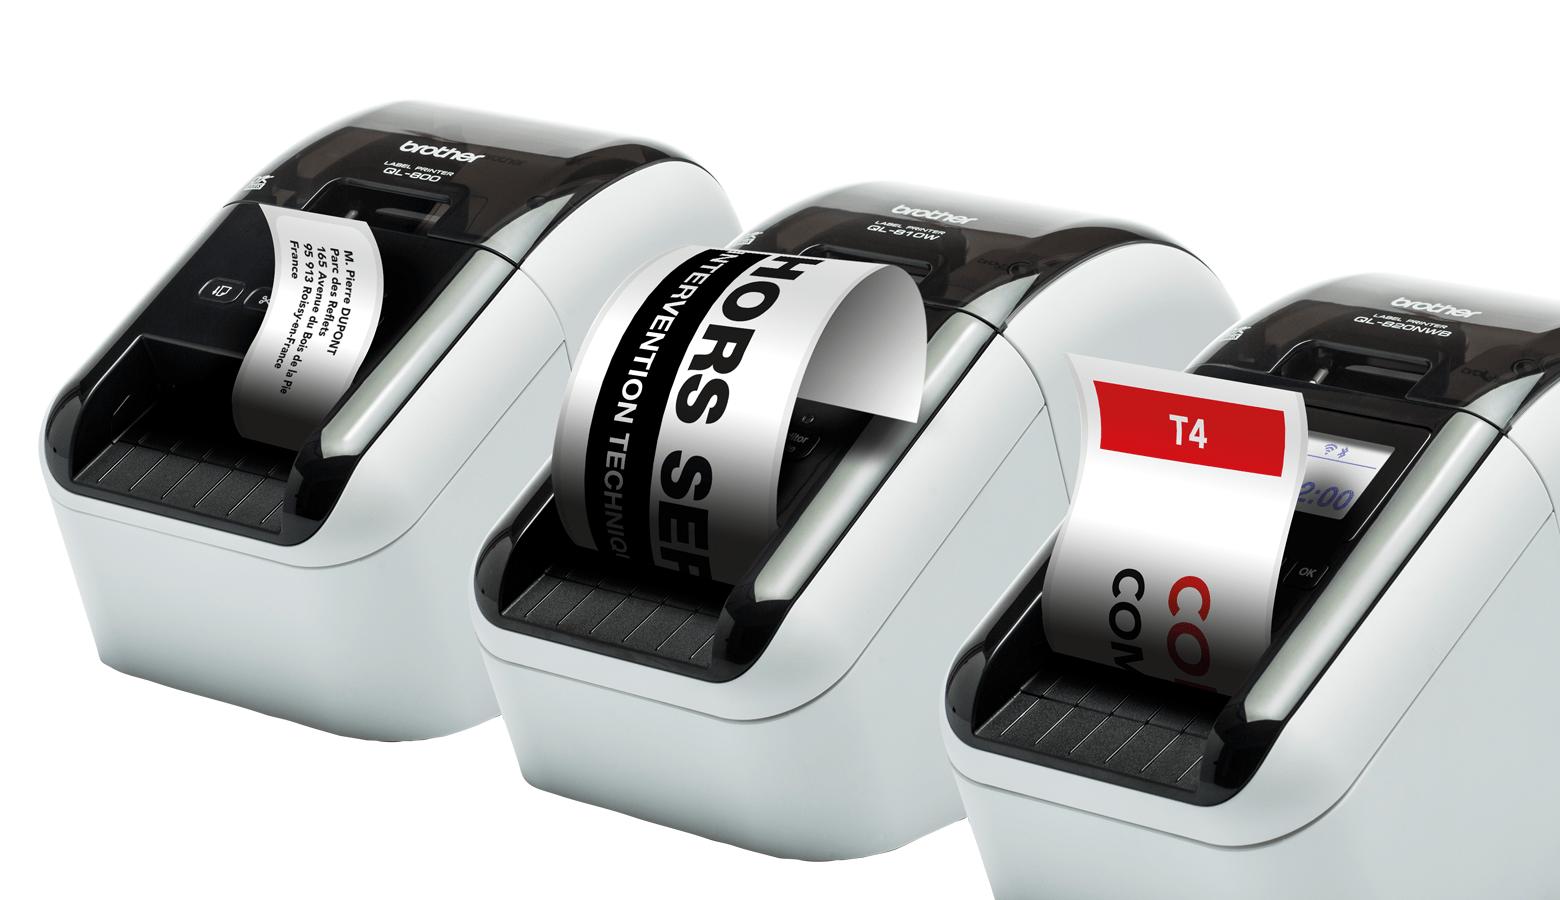 Découvrez la gamme d'imprimantes d'étiquettes professionnelles QL-800